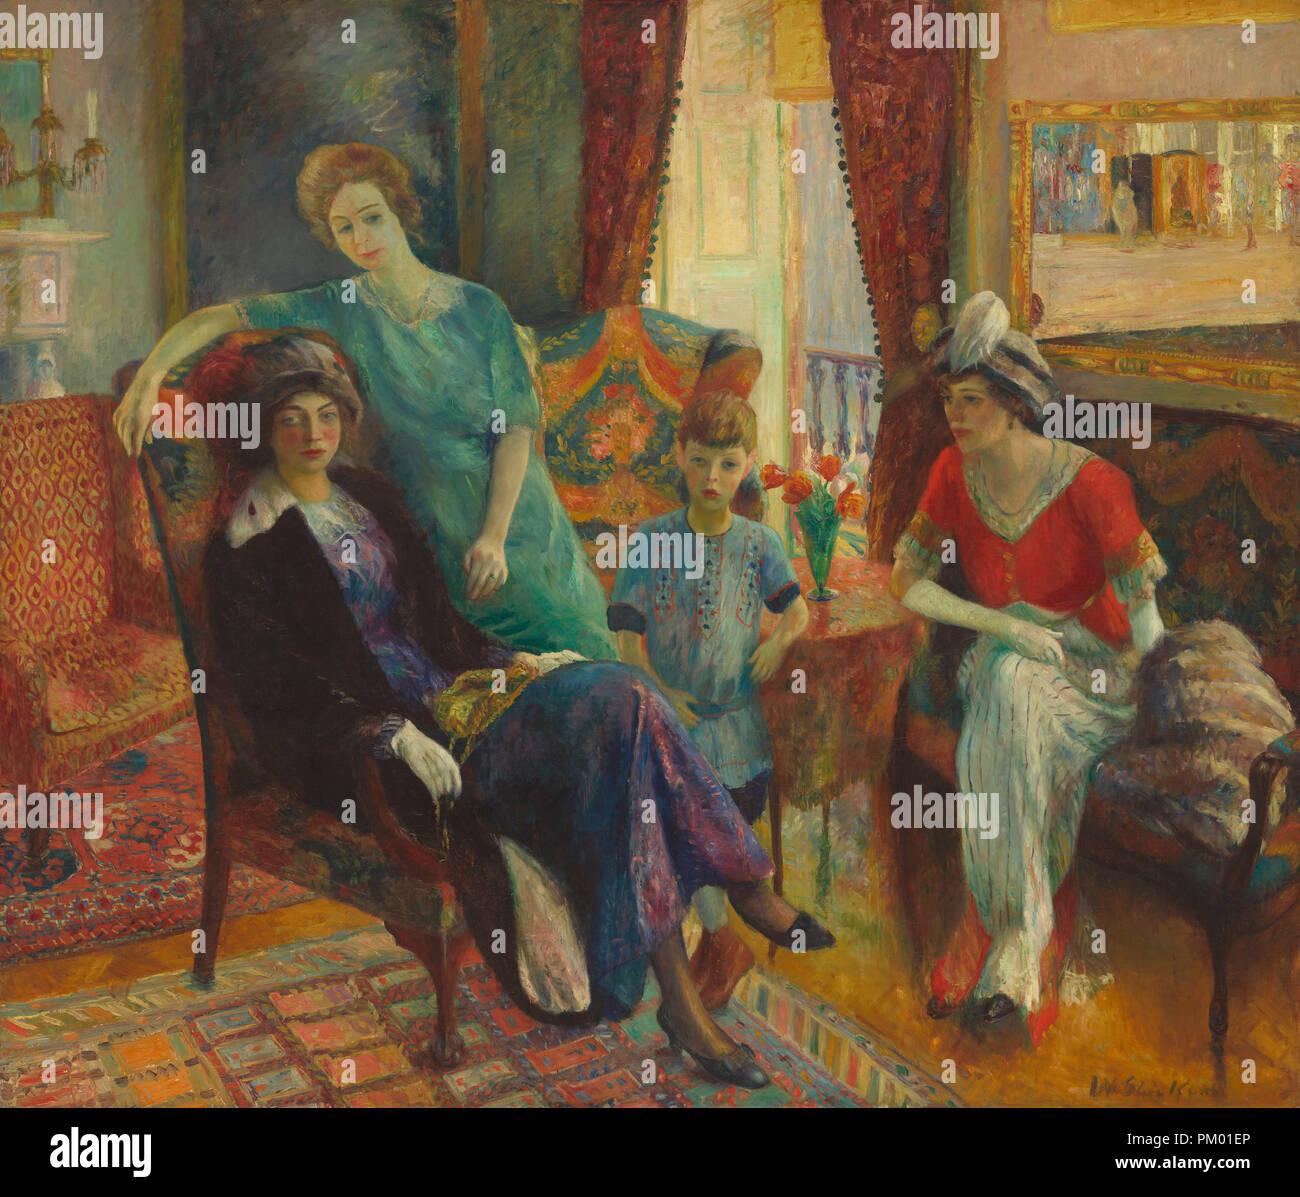 Gruppo di famiglia. Data: 1910/1911. Dimensioni: complessivo: 182.8 x 213,3 cm (71 15/16 x 84 in.) incorniciato: 200.7 x 231.1 x 7 cm (79 x 91 x 2 3/4 in.). Medium: olio su tela. Museo: National Gallery of Art di Washington DC. Author: William Glackens. Glackens, William James. Immagini Stock